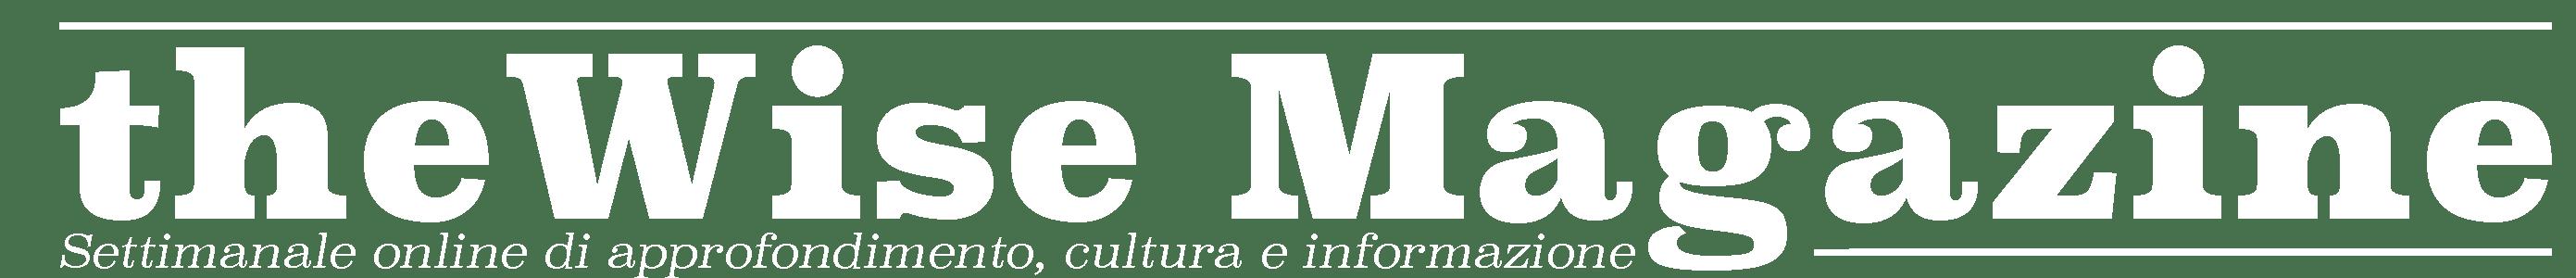 theWise Magazine